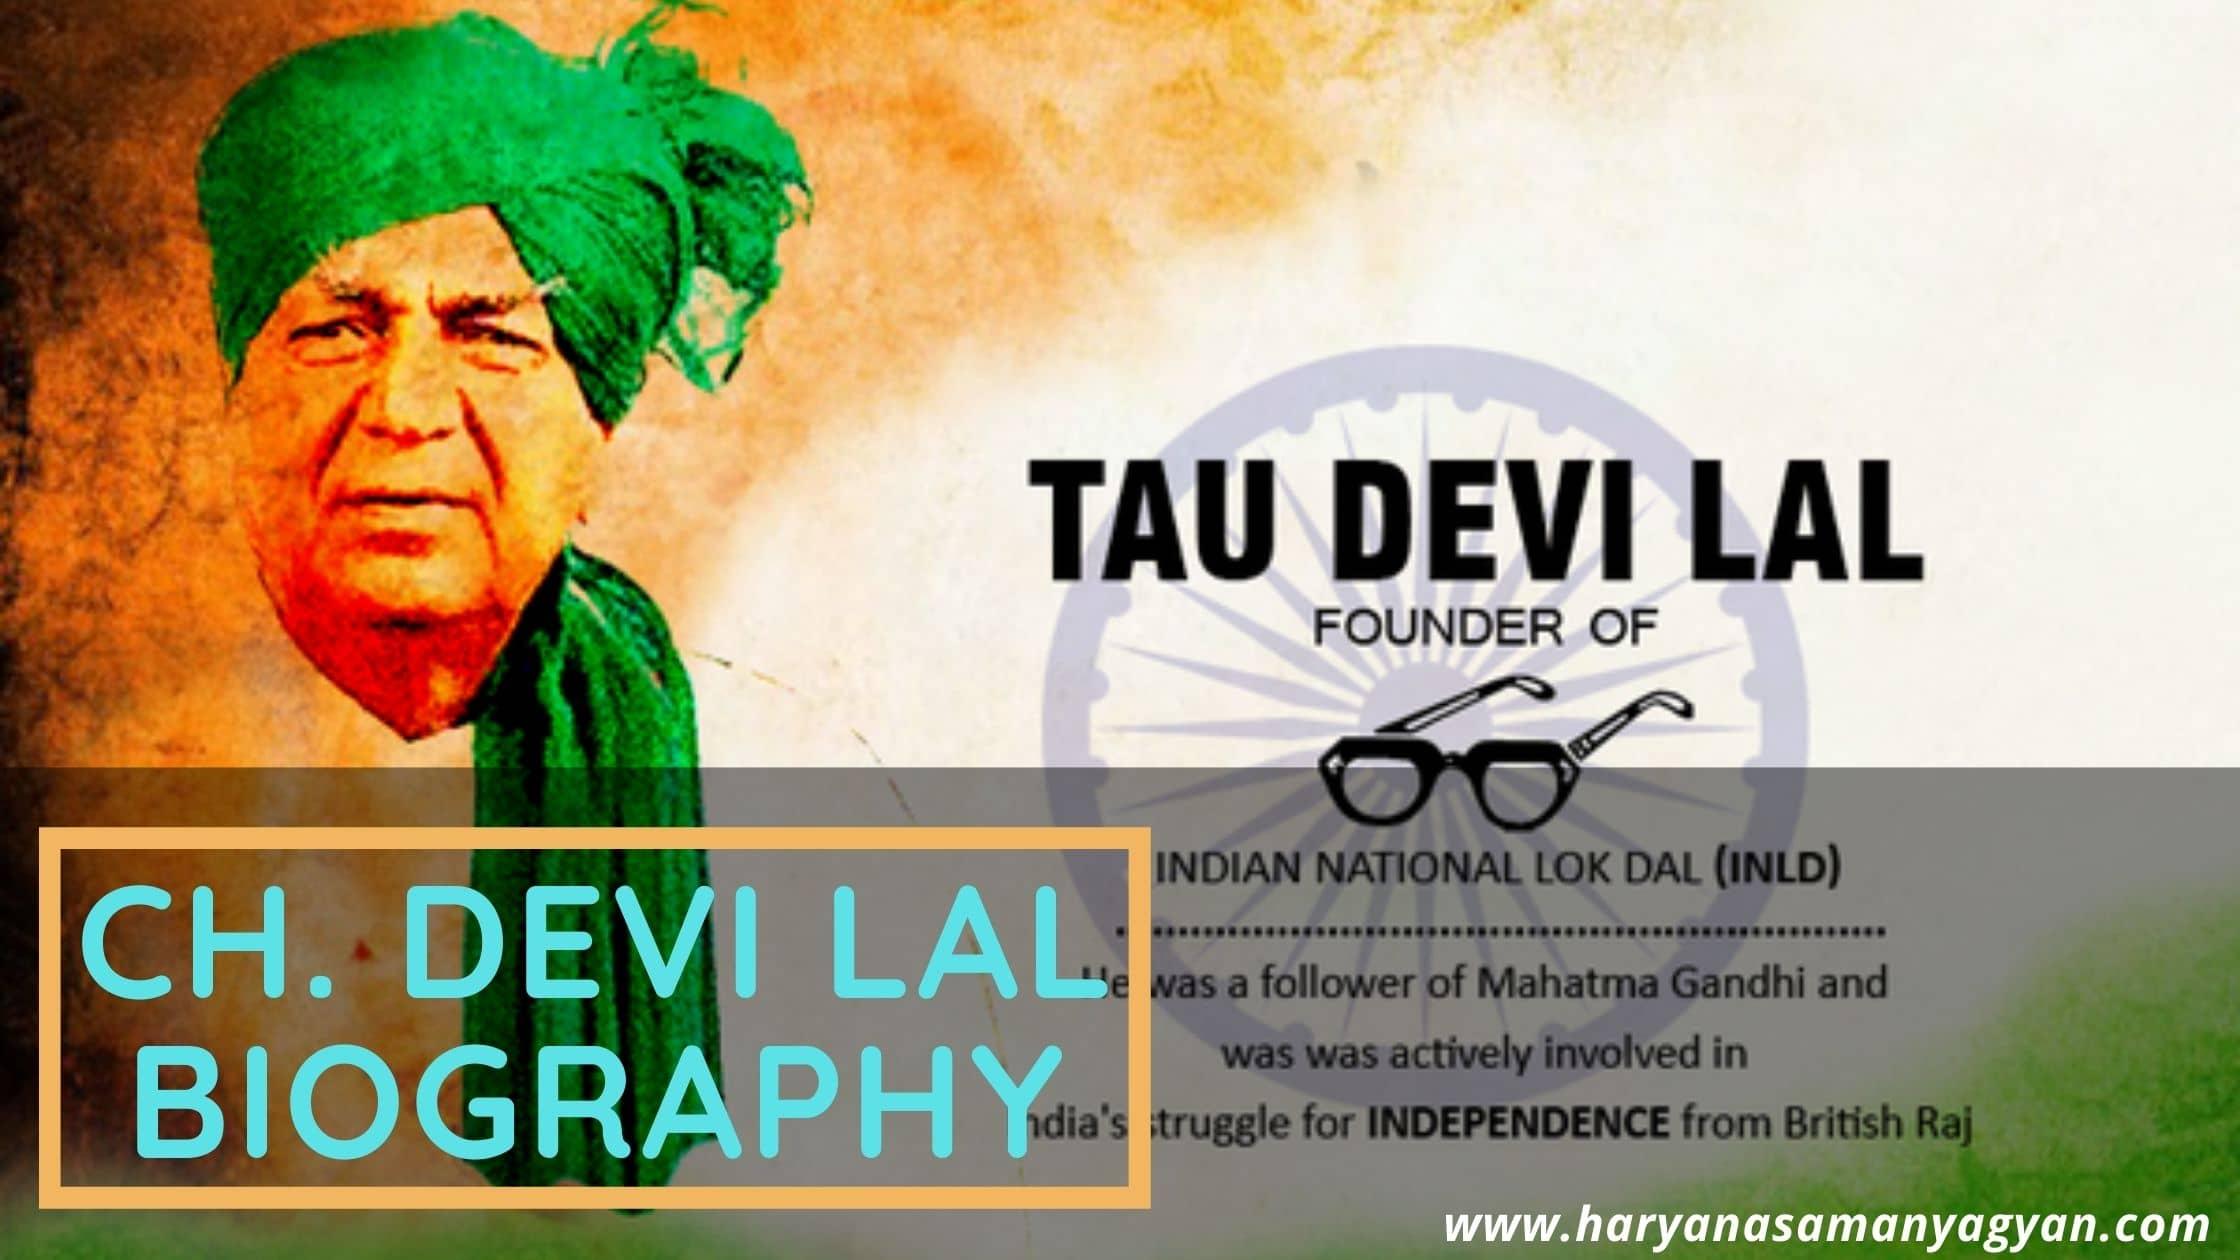 चौधरी देवी लाल की संक्षिप्त जीवनी, महत्वपूर्ण प्रश्न, तथ्य – Chaudhary Devi Lal's Biography, Facts and Important Questions